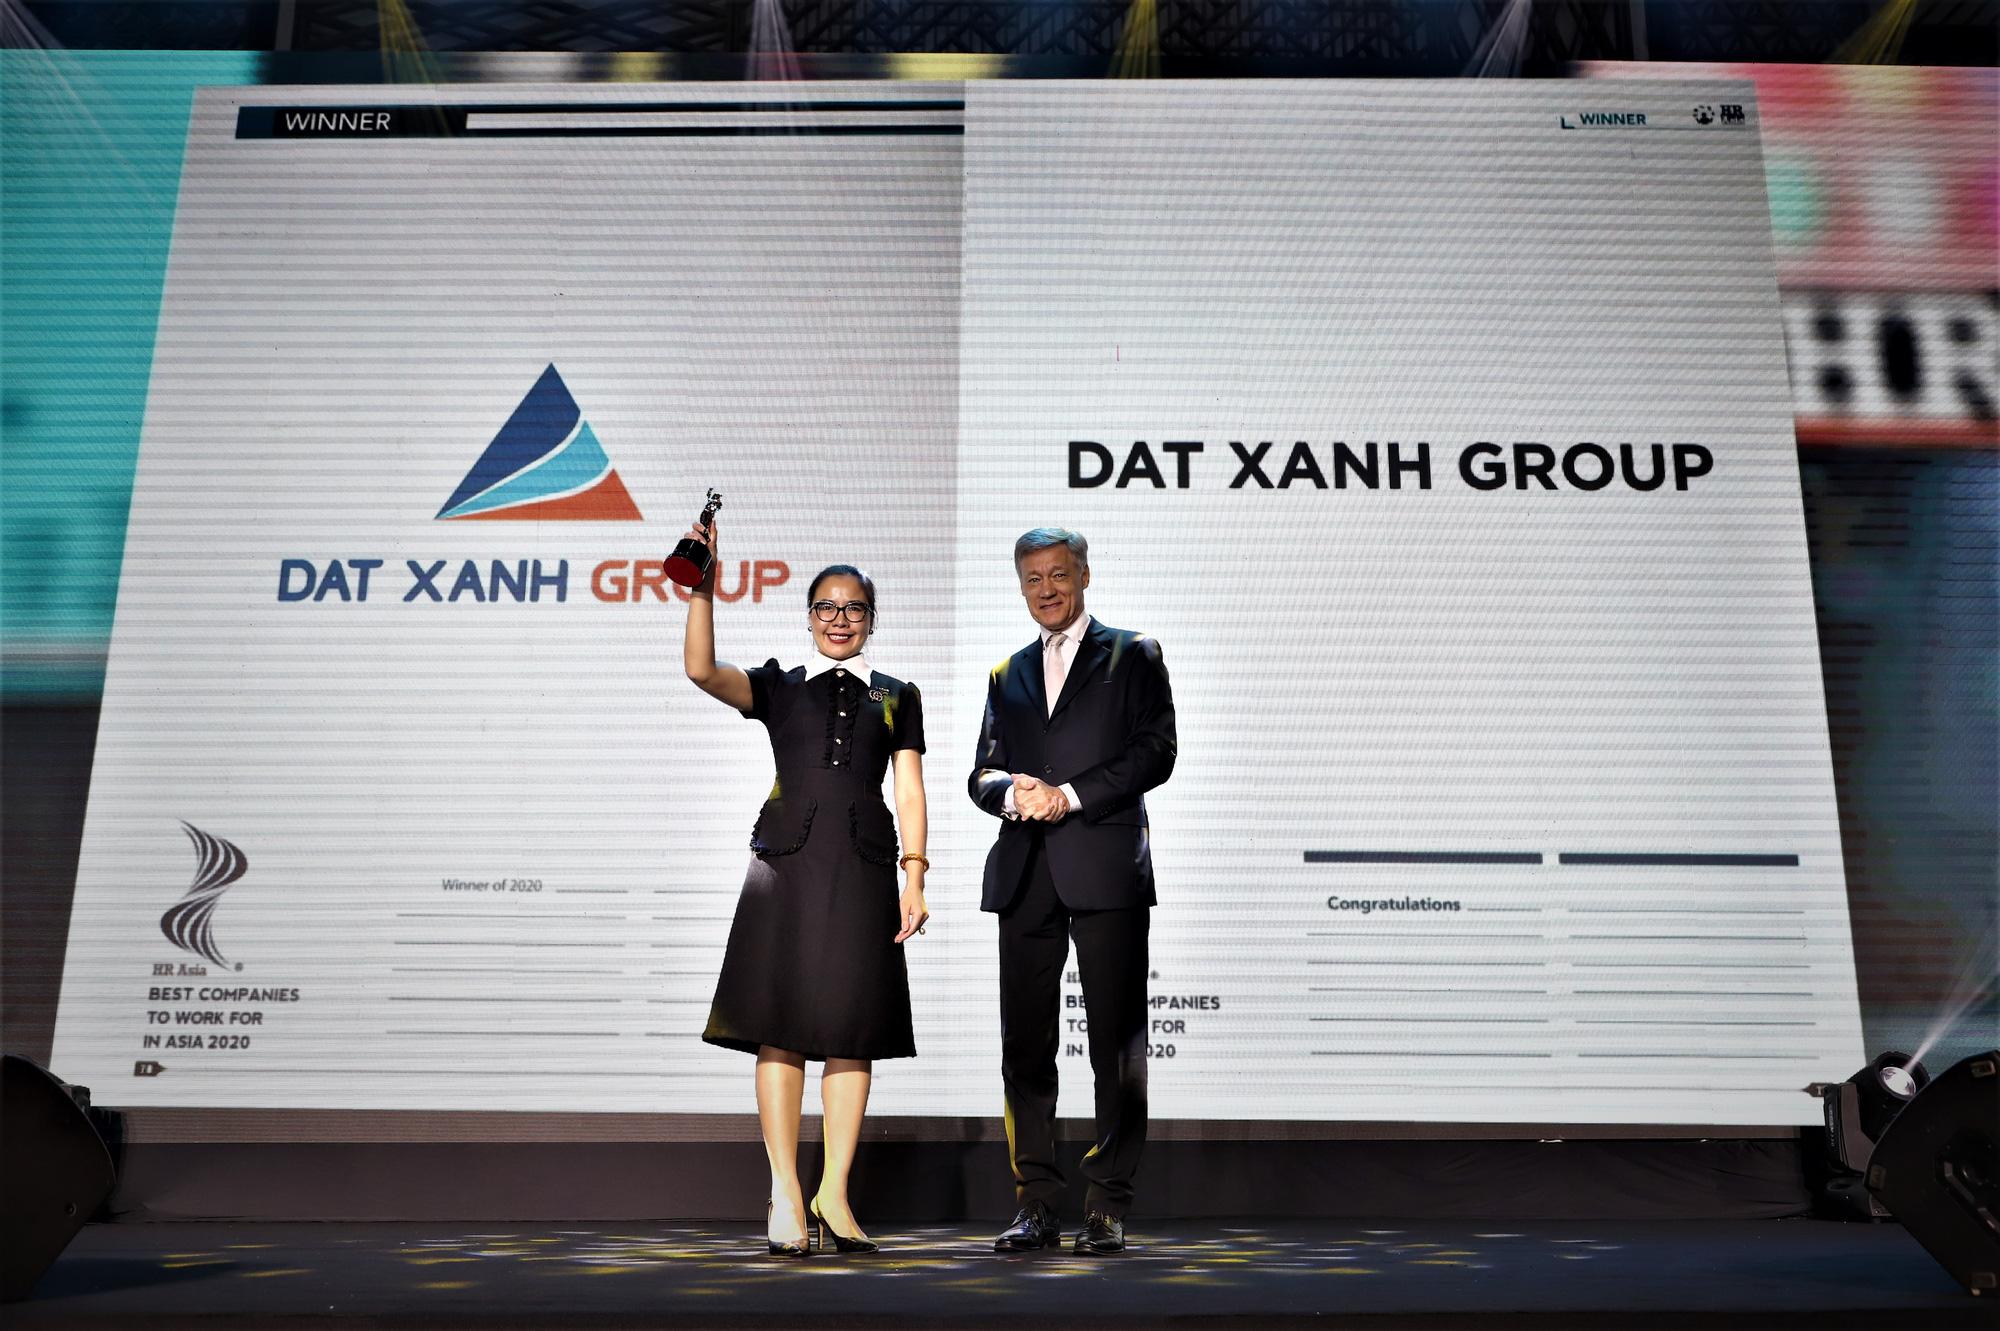 """Tập đoàn Đất Xanh được vinh danh """"Doanh nghiệp có môi trường làm việc tốt nhất châu Á năm 2020 tại Việt Nam"""" - Ảnh 2."""